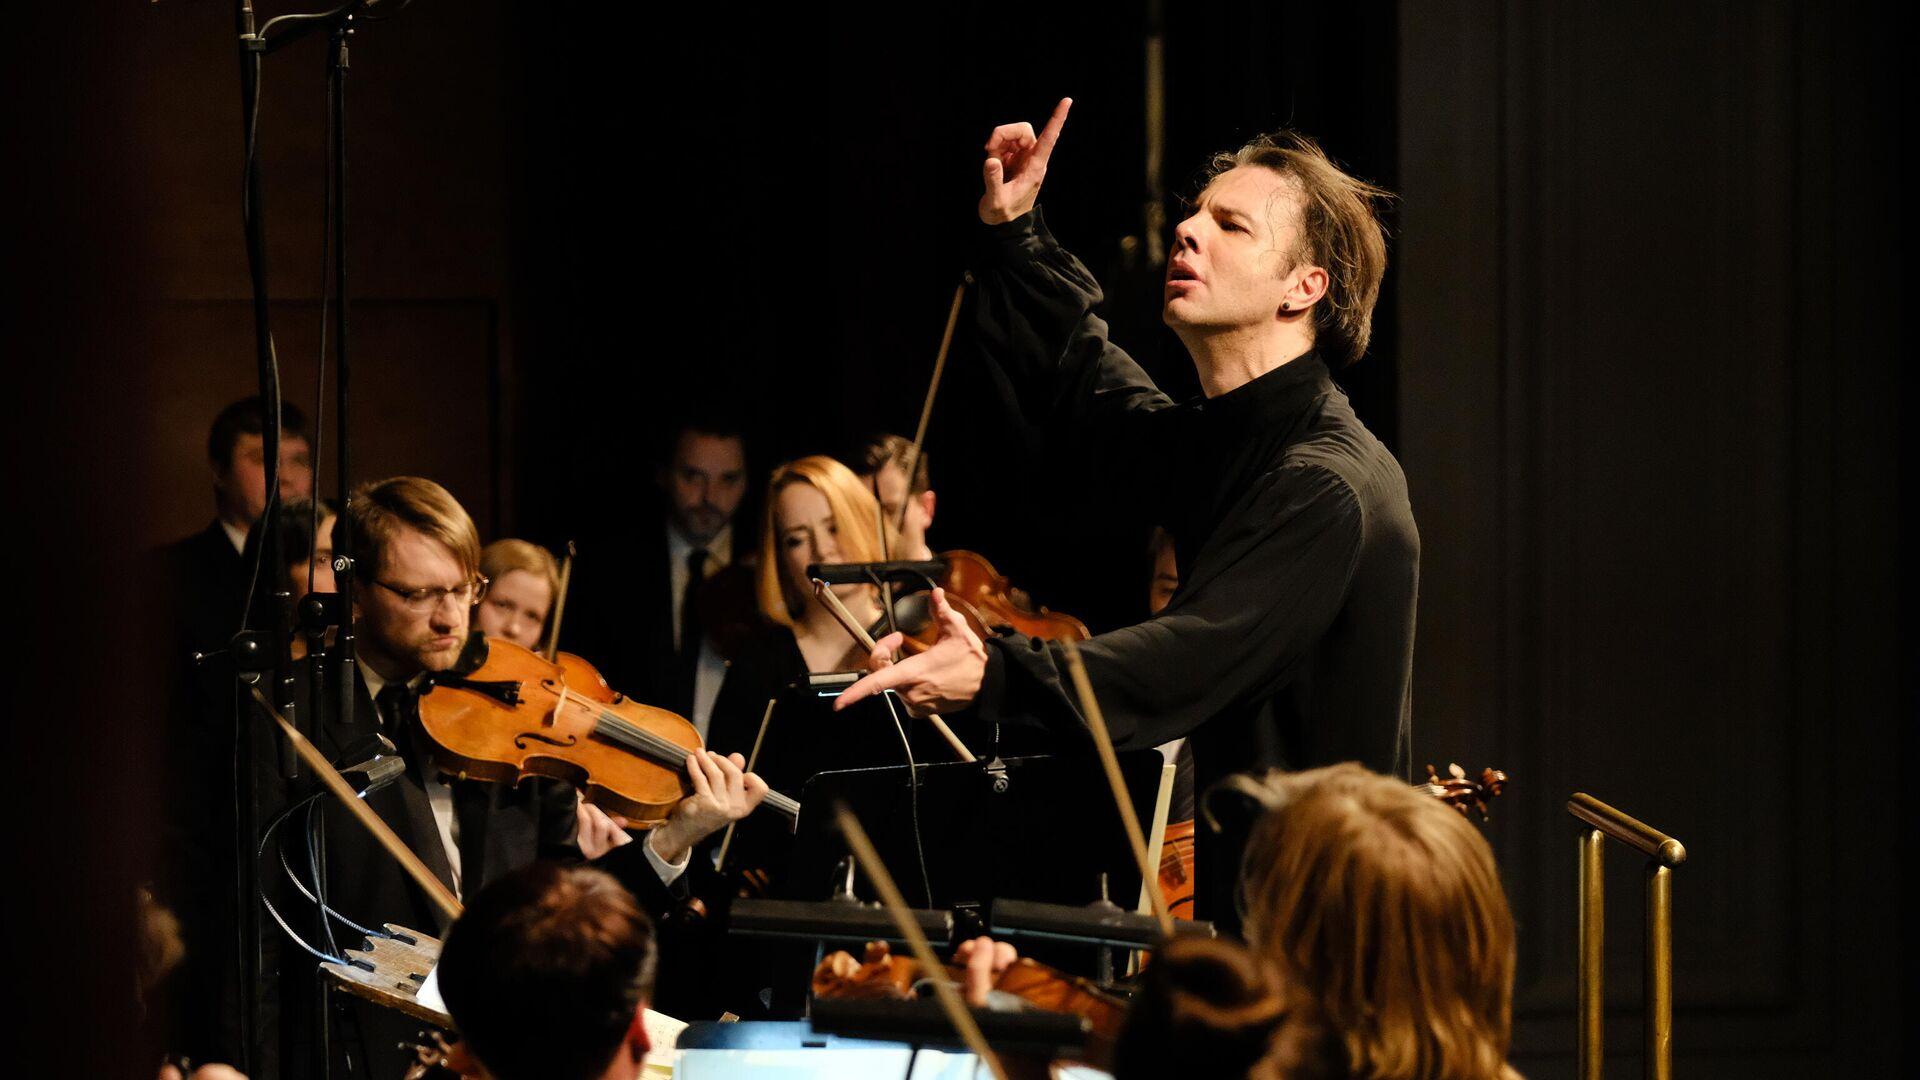 Курентзис представит новую программу musicAeterna в Москве и Петербурге